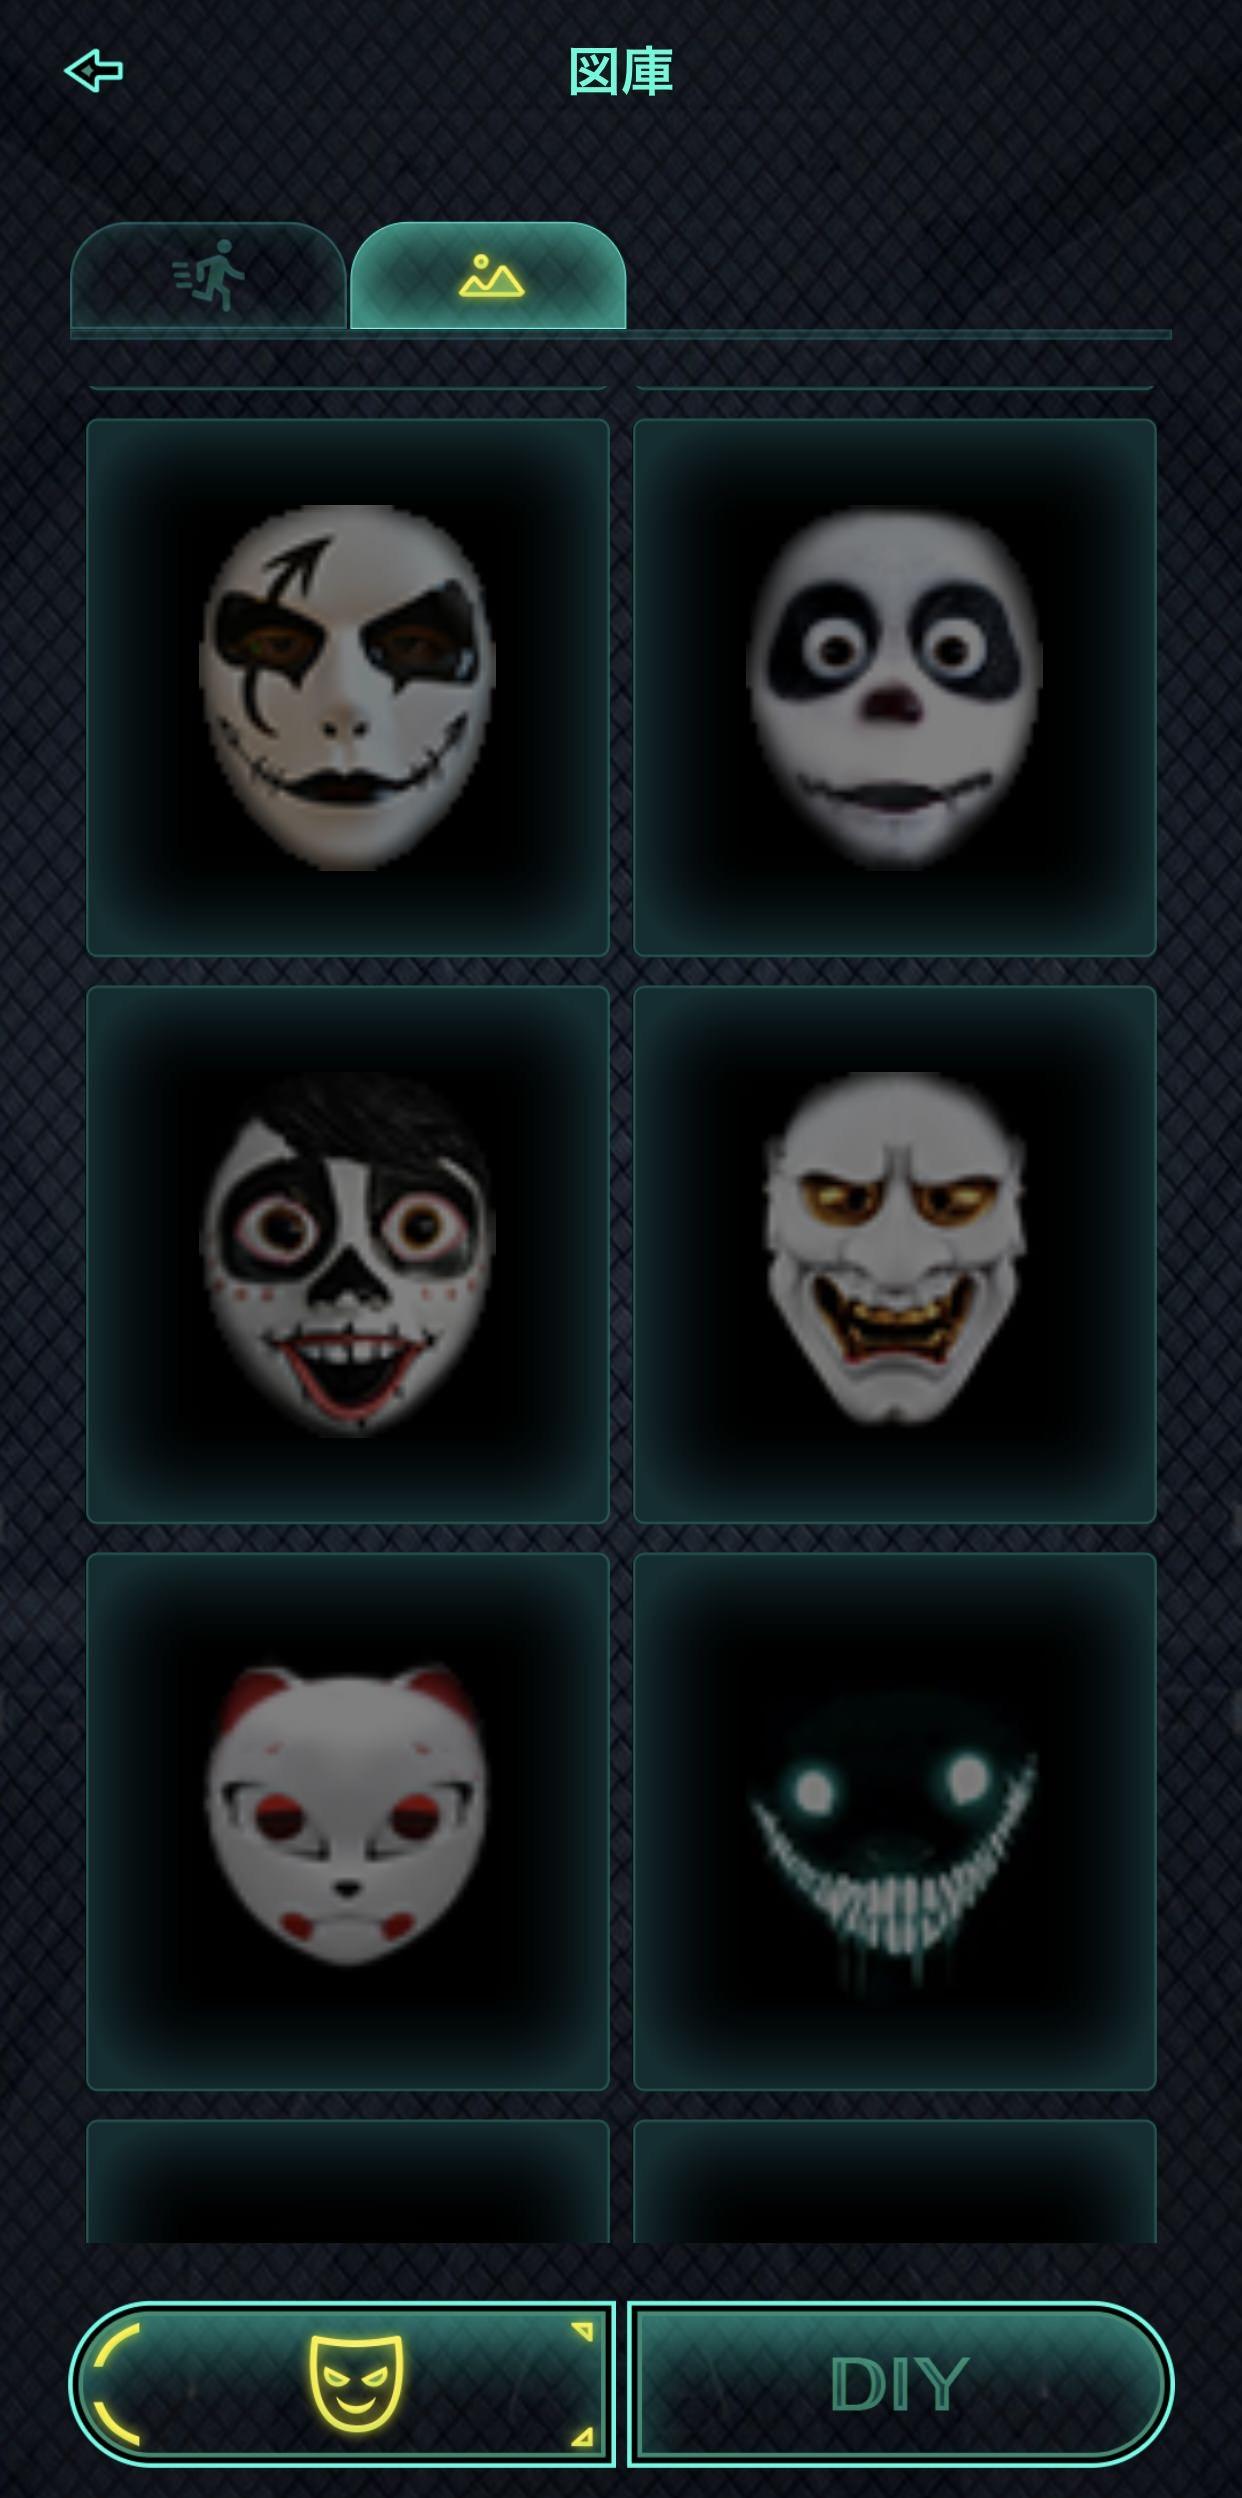 LEDディスプレイ搭載のフェイスマスク「Shining Mask(シャイニングマスク)」を買ってみた 17